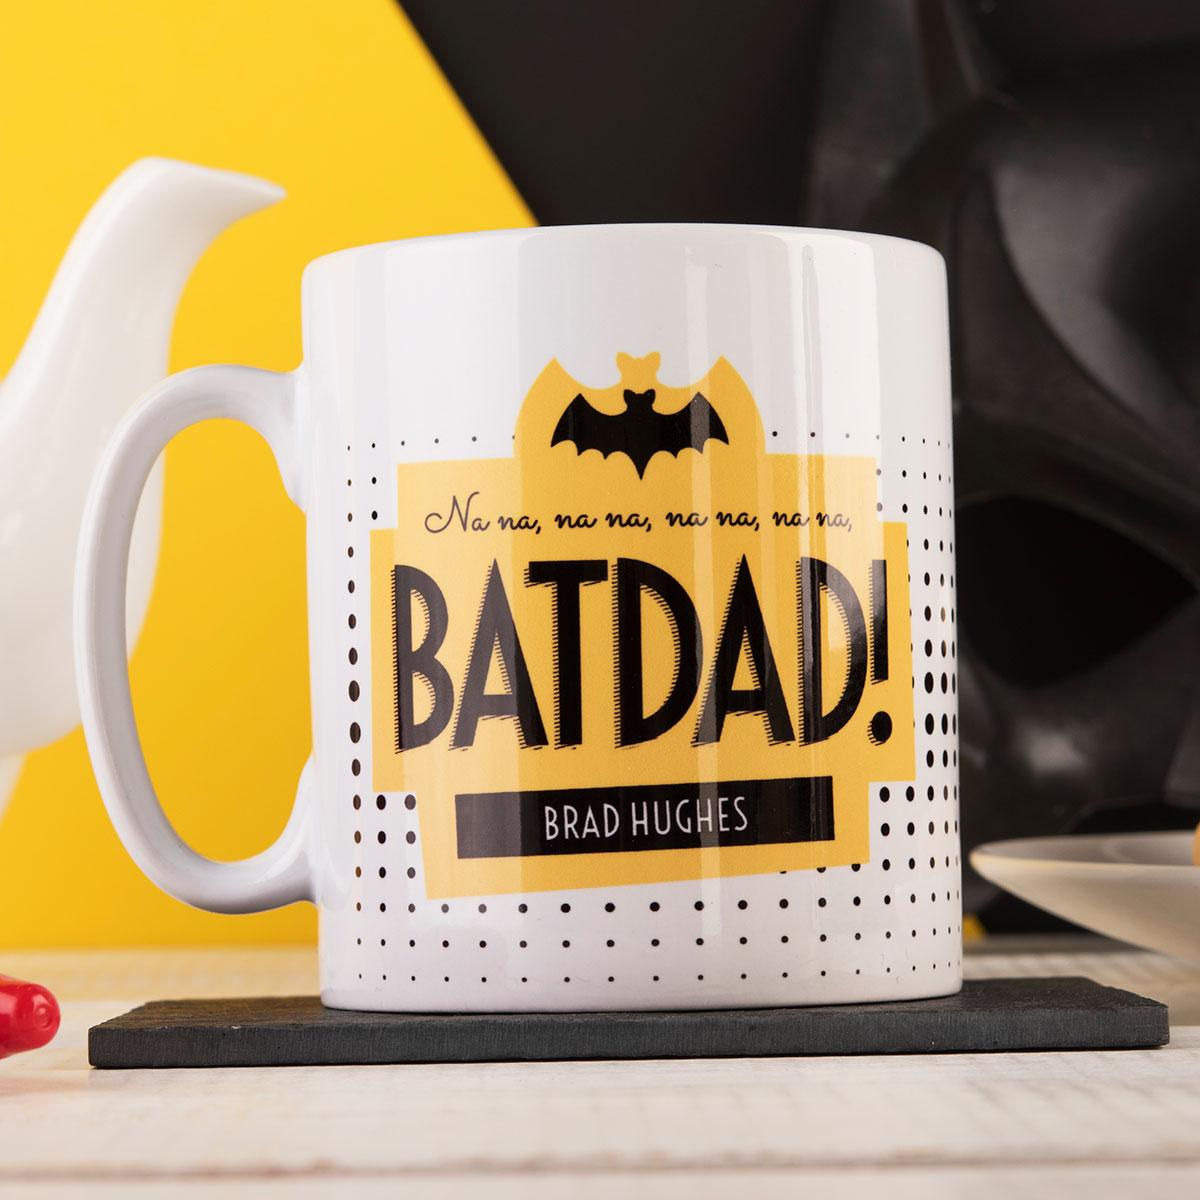 Personalised Mug - Batdad!